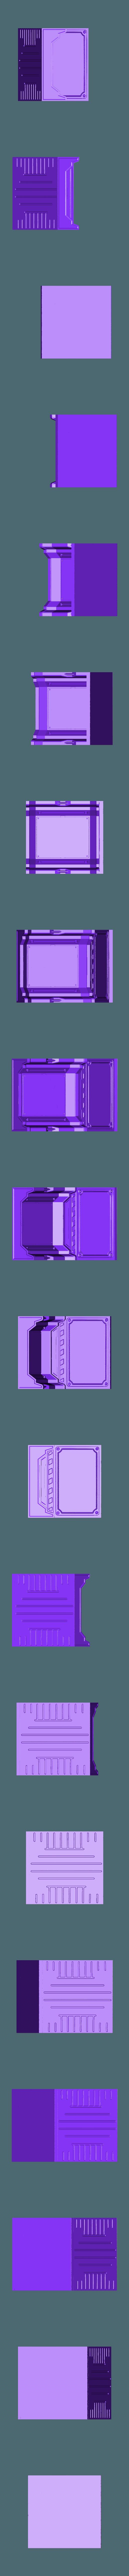 Wall_v1.0.stl Télécharger fichier STL Modular Space Tiles (kit de base pour votre table) [Kickstarterproject] • Modèle imprimable en 3D, Nemoriko